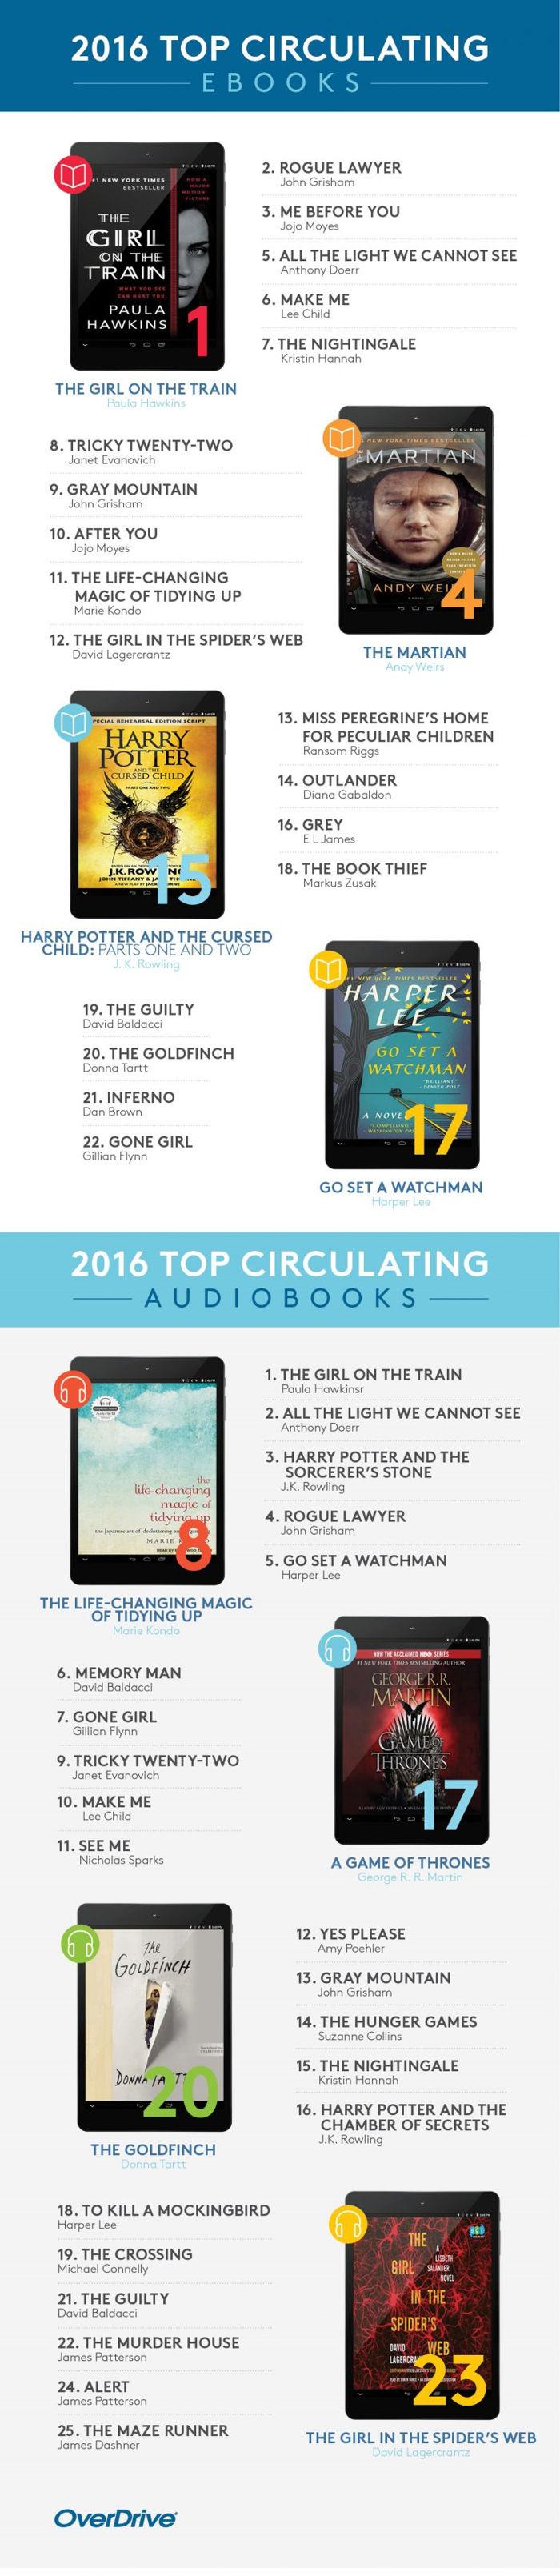 livres overdrive 2016 emprunt